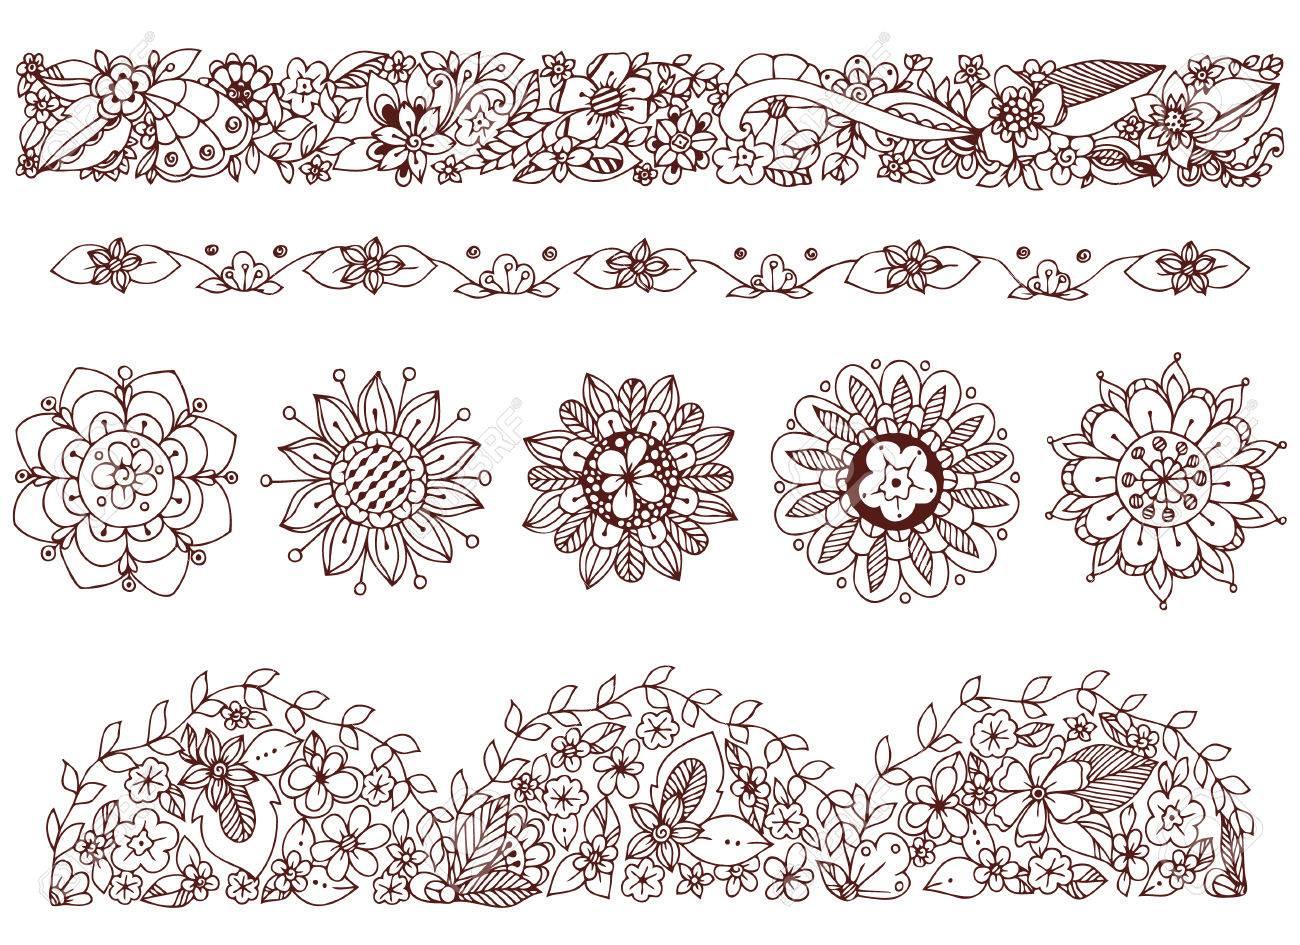 Vektor-Illustration Zeichnung, Ornament, Gekritzelrahmen, Blumen ...